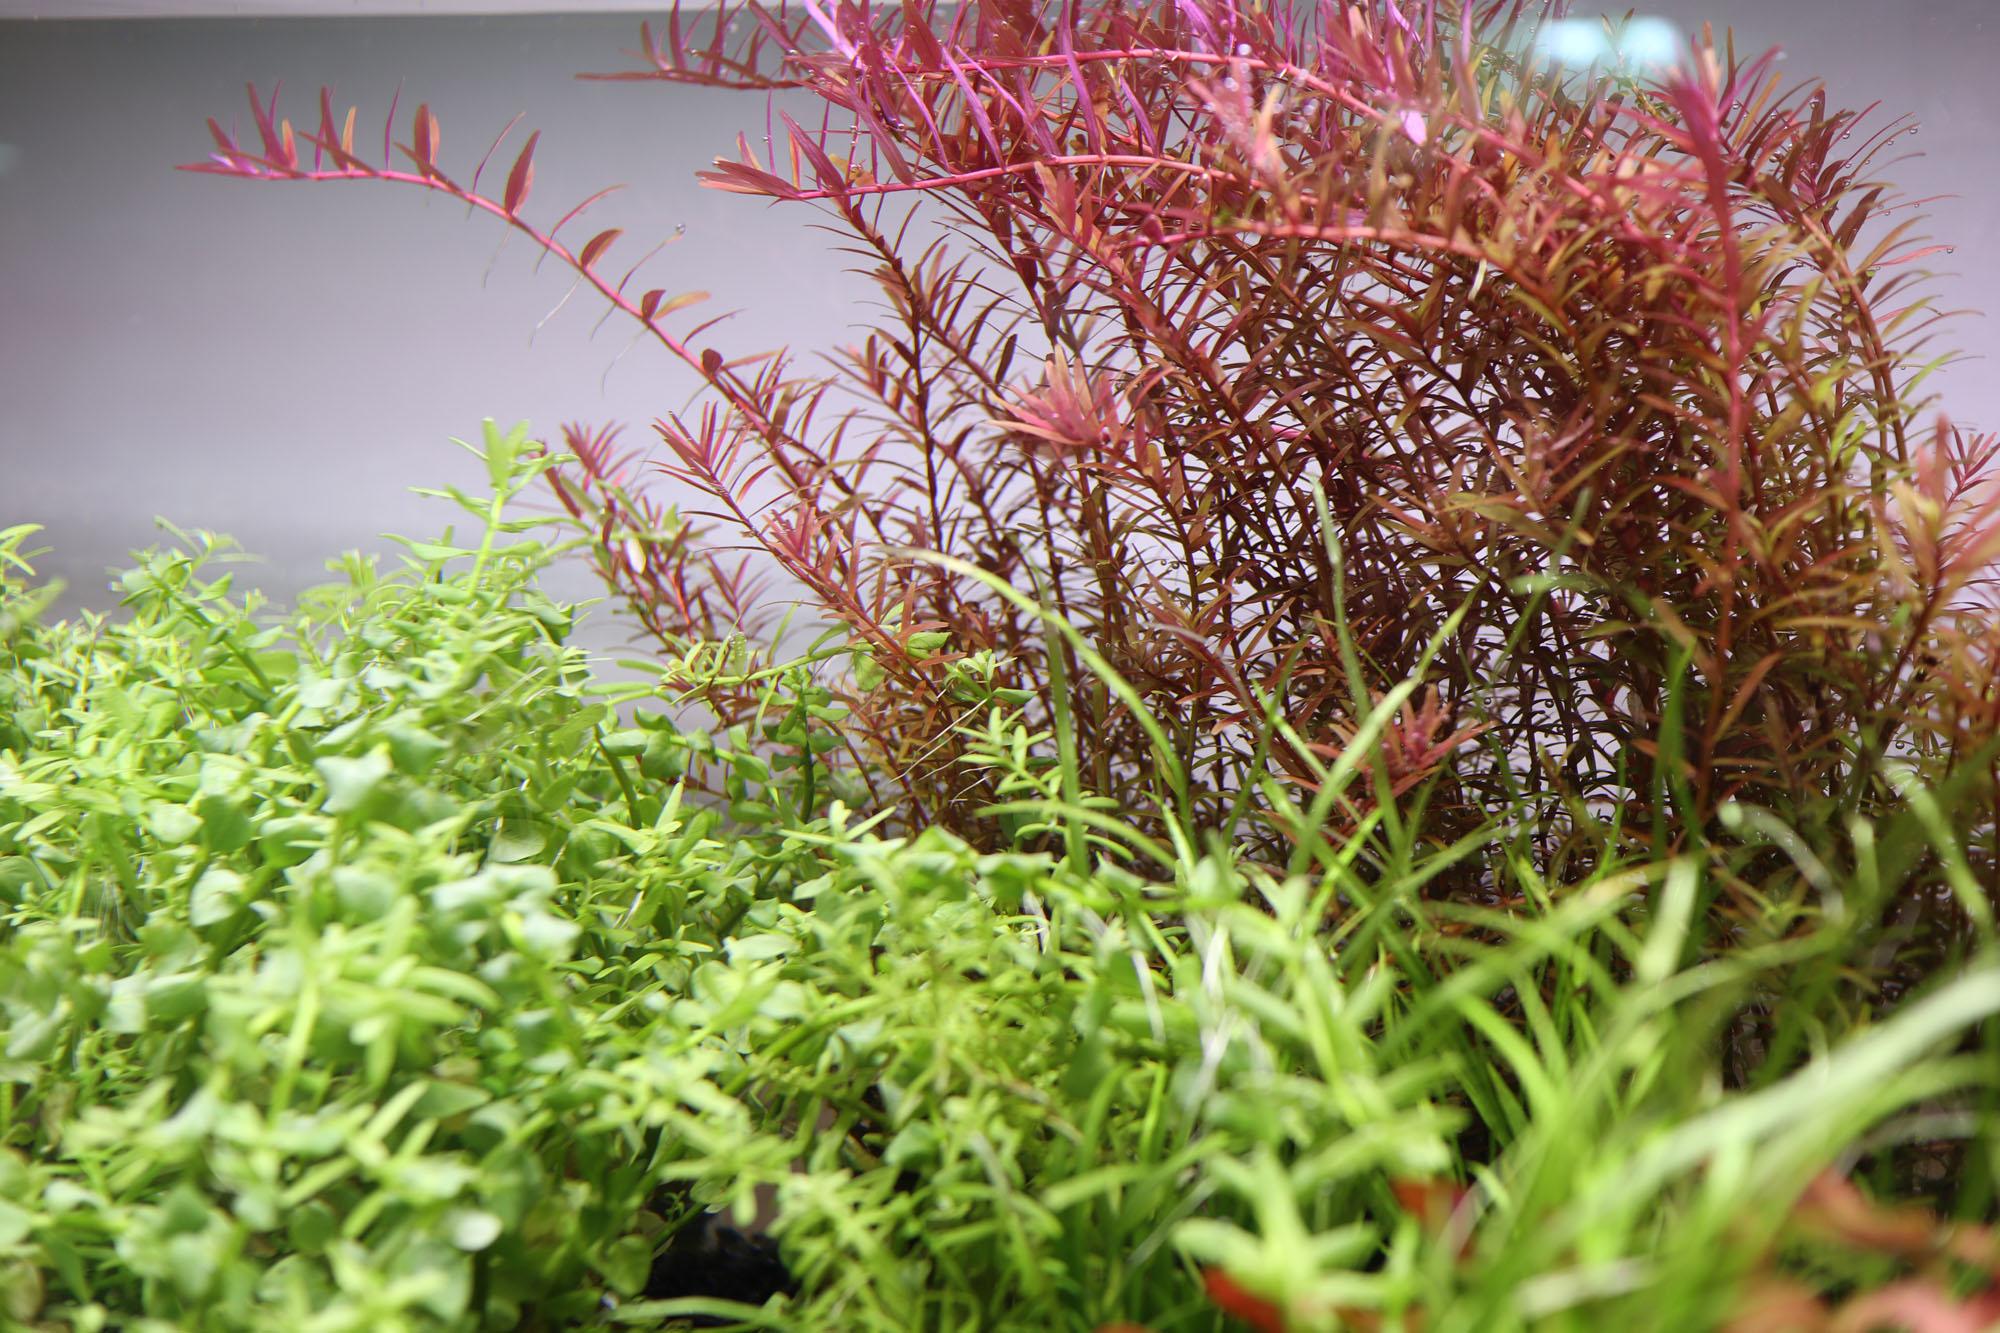 ロタラインディカ、ロタラロトンジフォリアなど赤系有茎草を中心に入荷